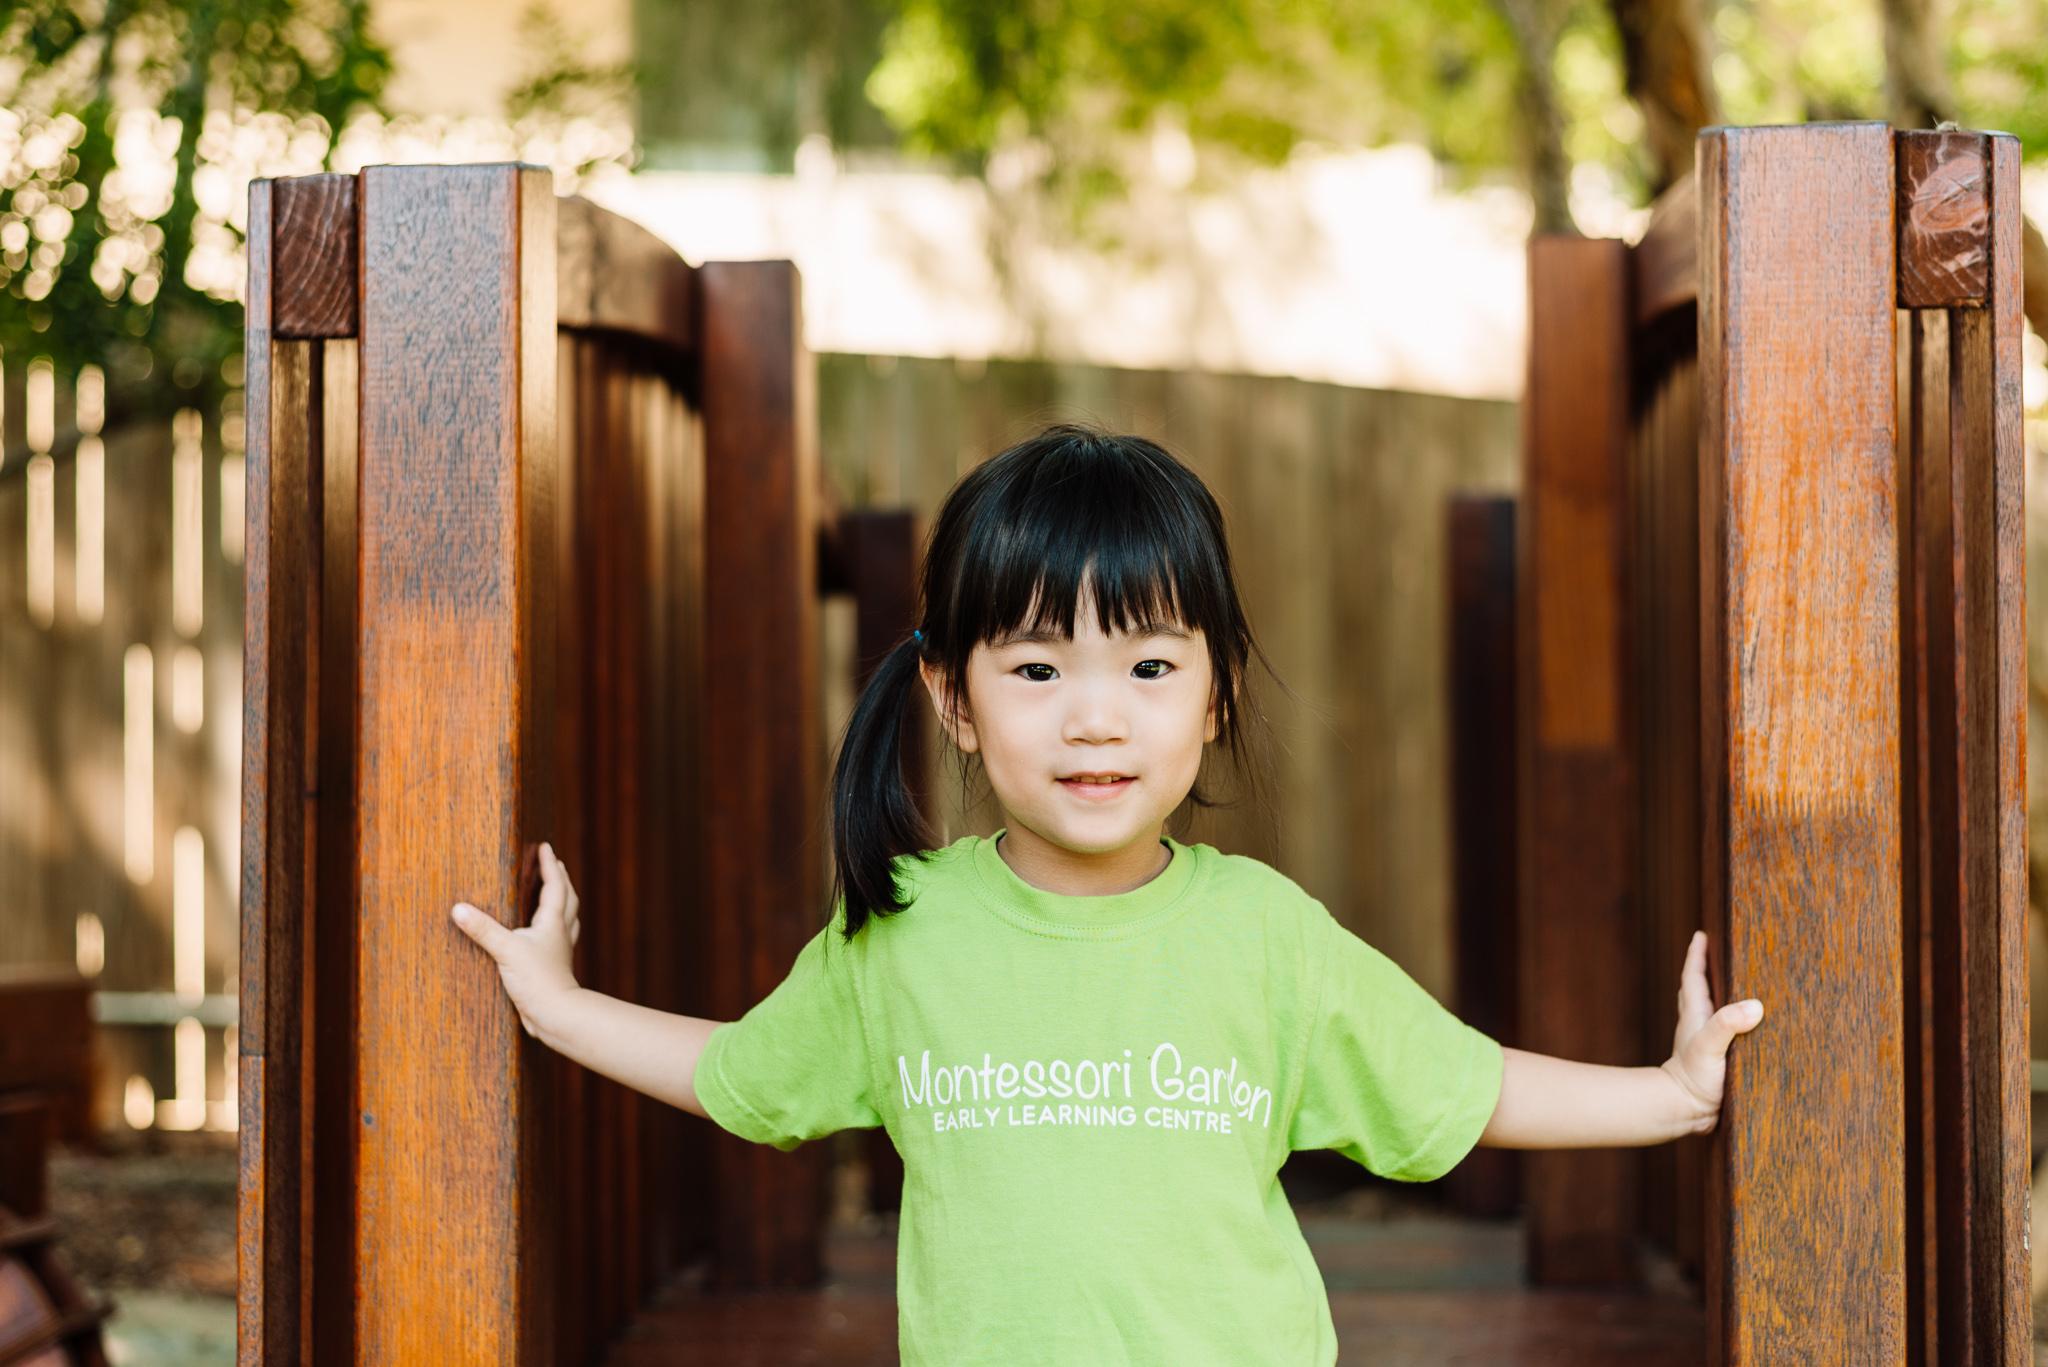 MontessoriGarden_YMoosa-3.jpg